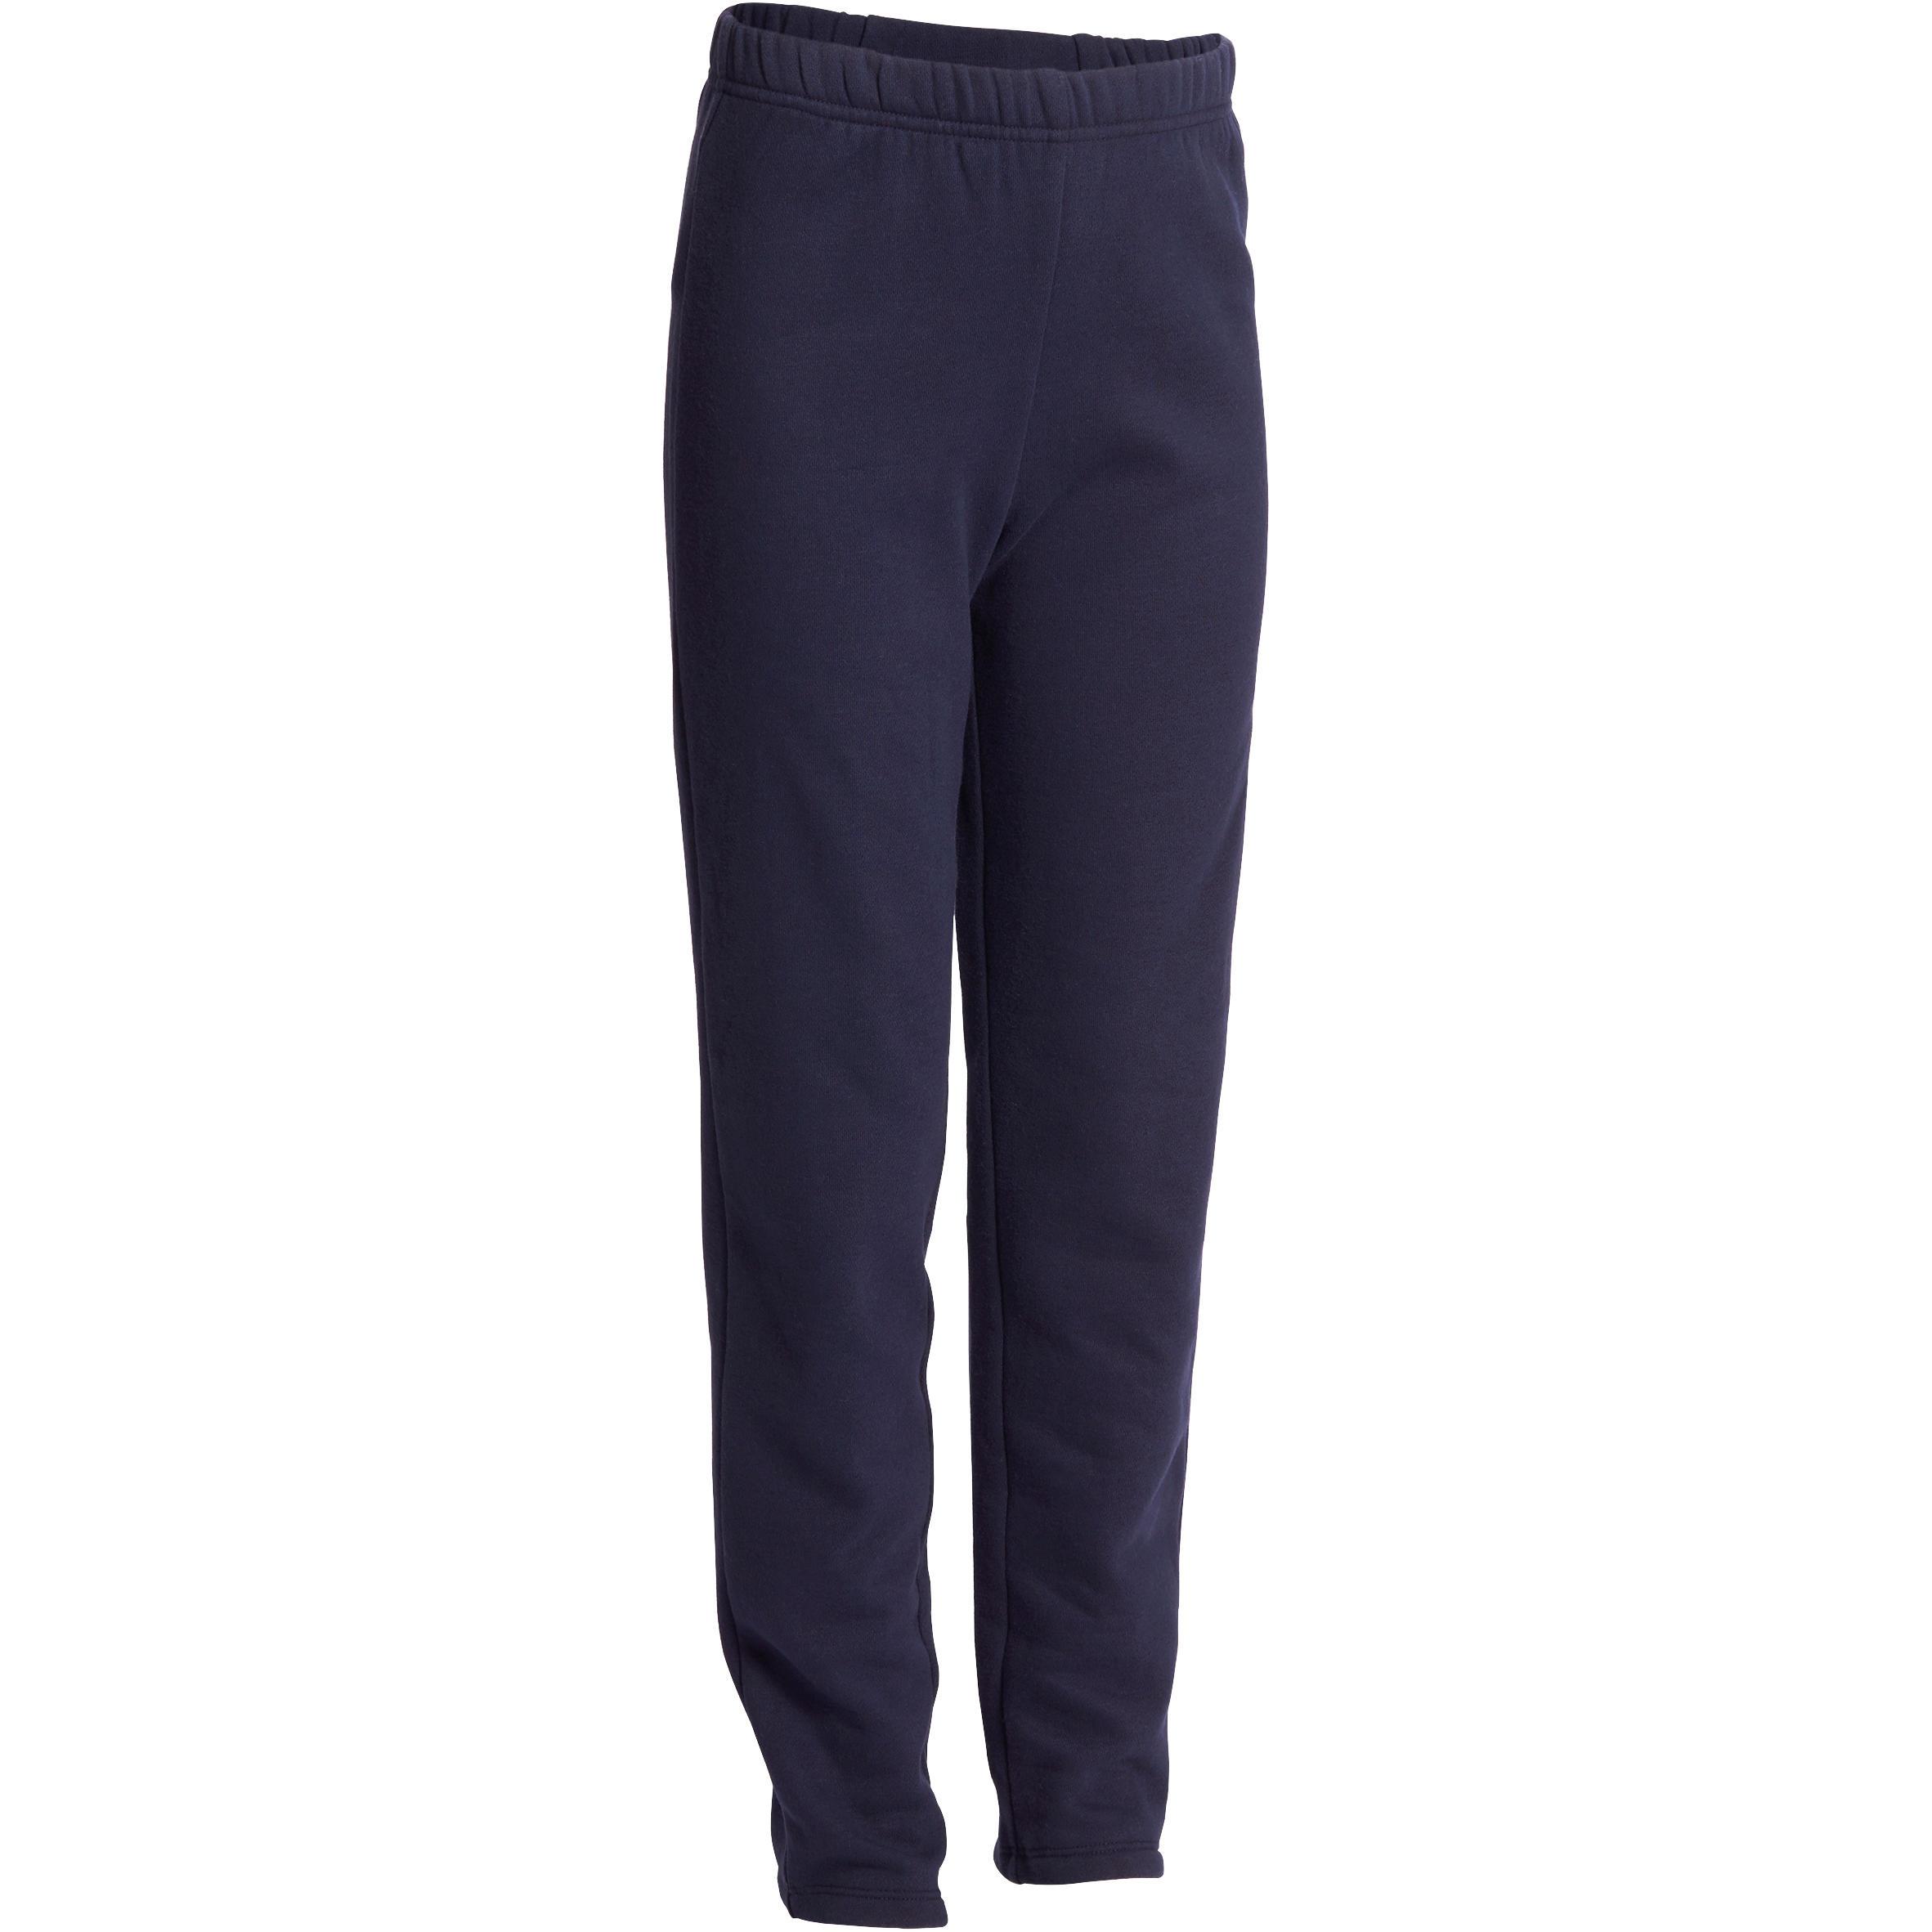 Pantalón cálido regular de gimnasia para niño azul marino Warm'y